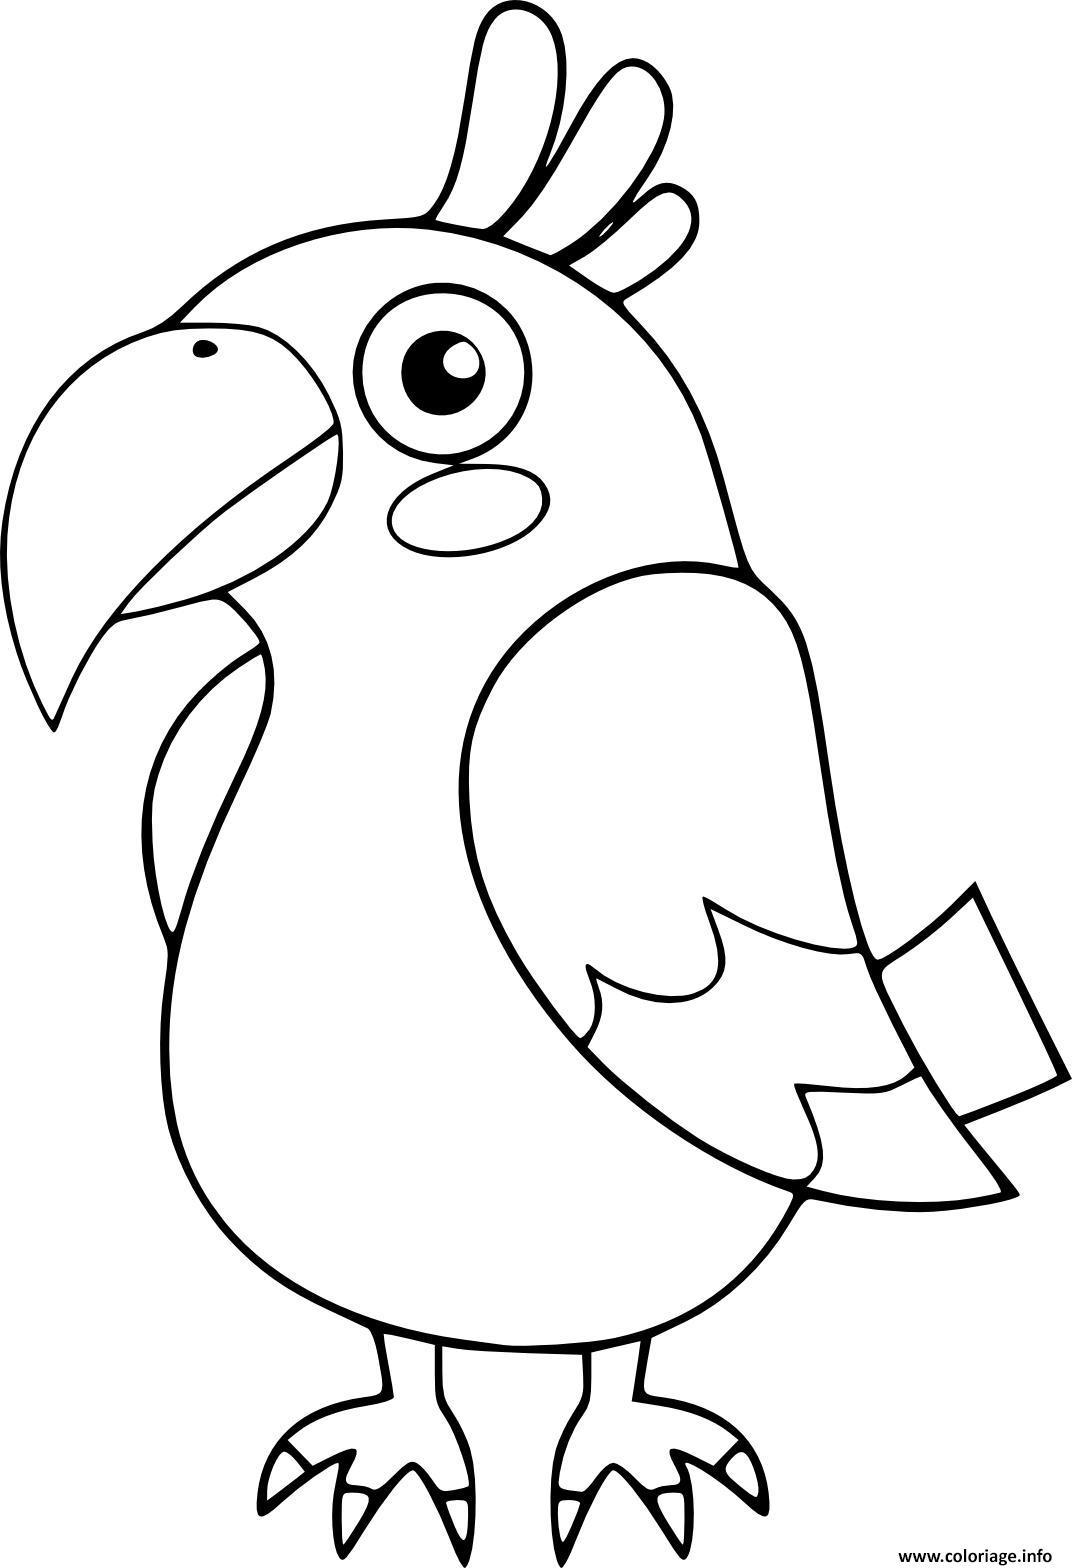 Coloriage Perroquet Oiseau Maternelle Pour Enfants Jecolorie Com